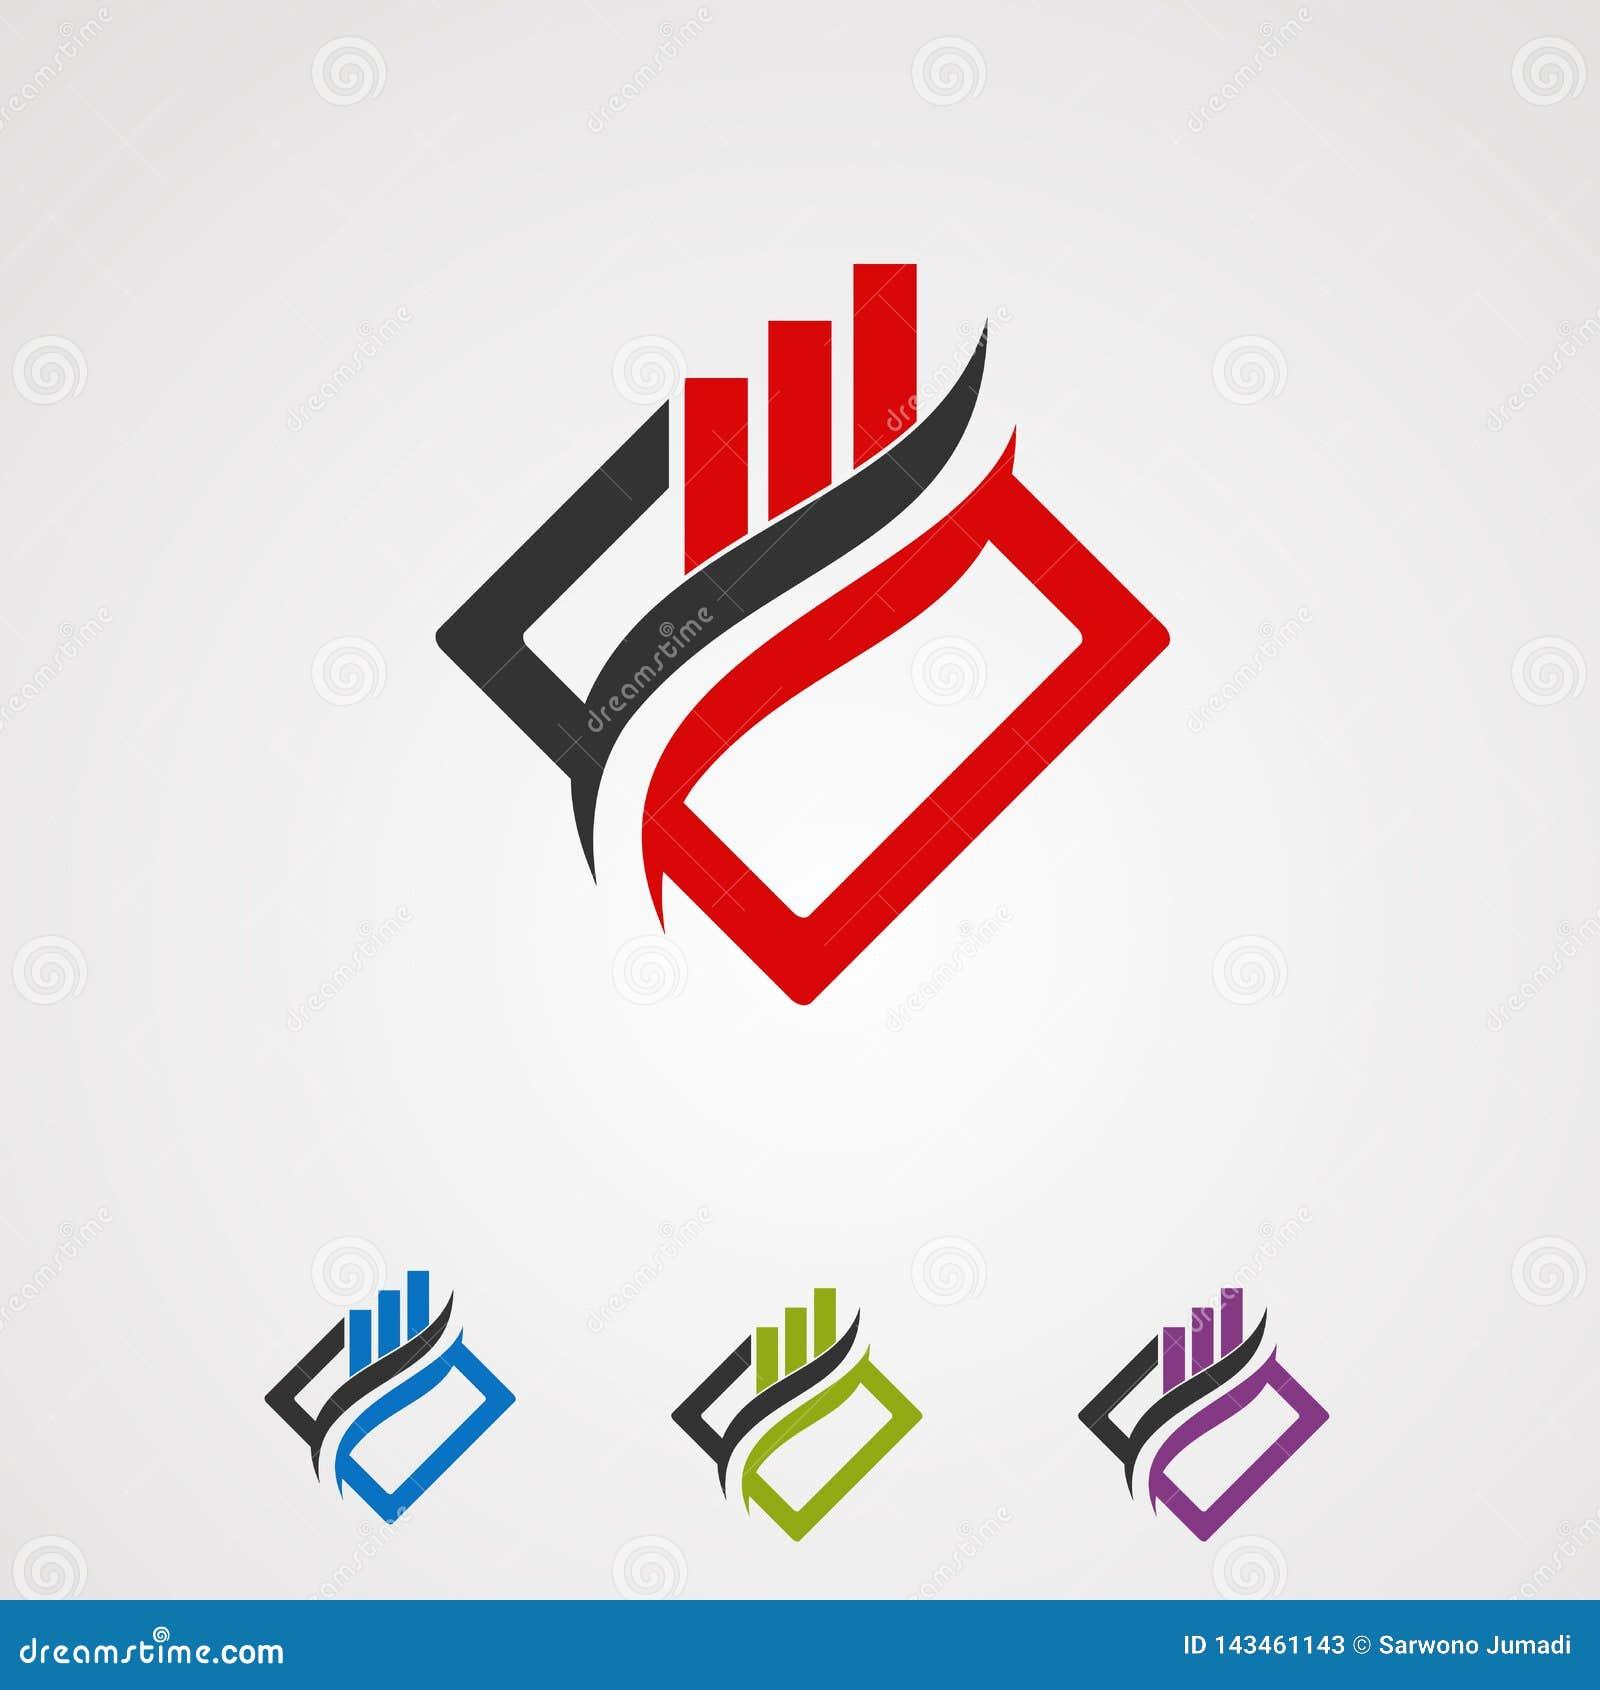 Concepto, icono, elemento, y plantilla del vector del logotipo del mercado de la caja para la compañía